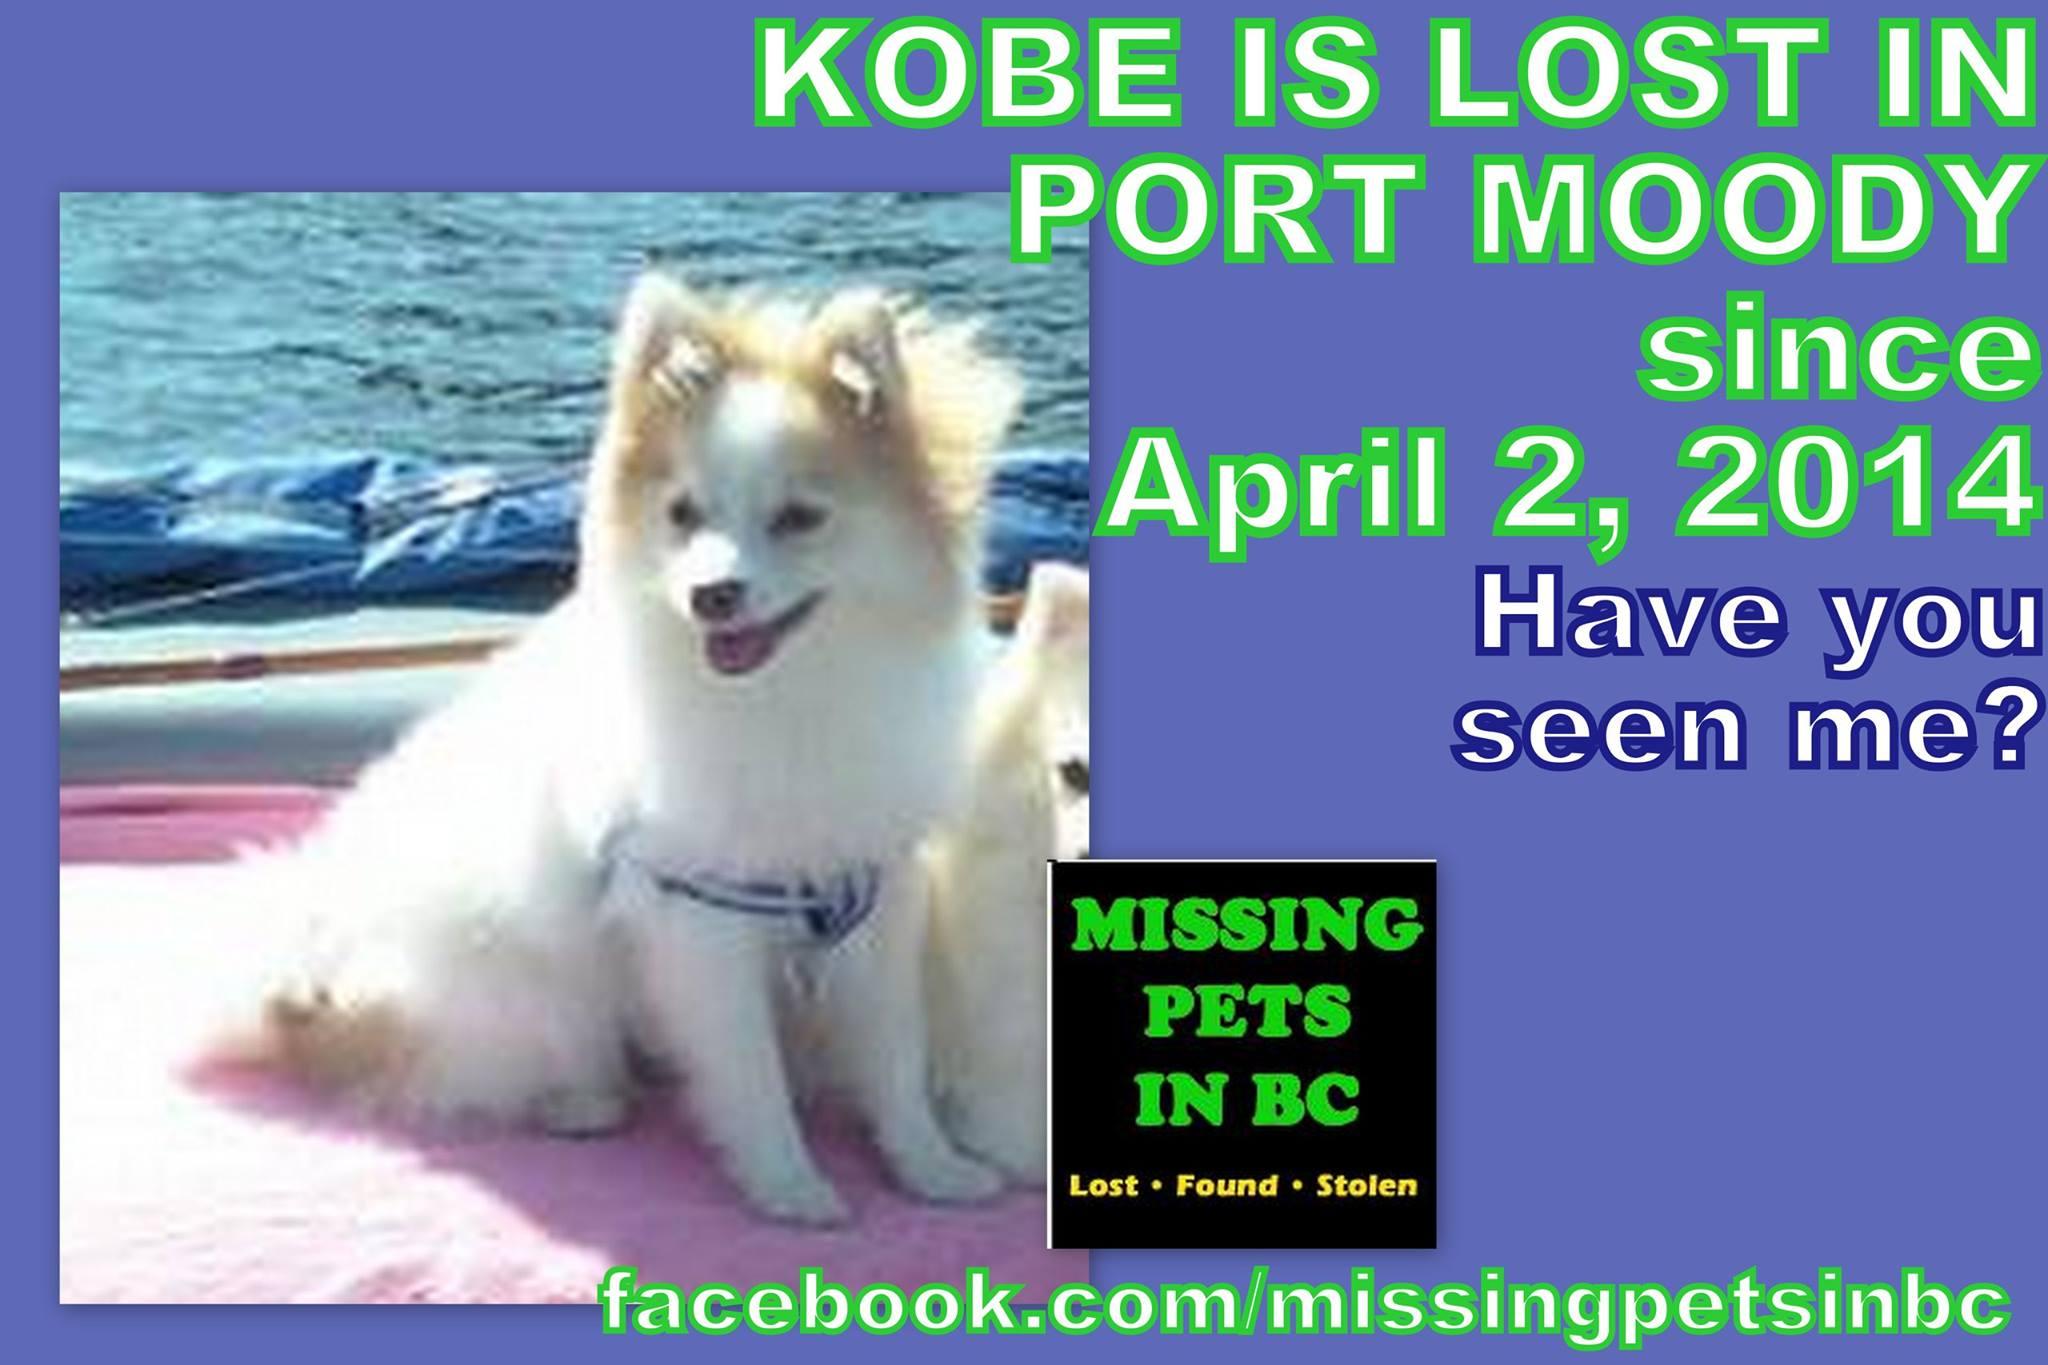 kobe is missing